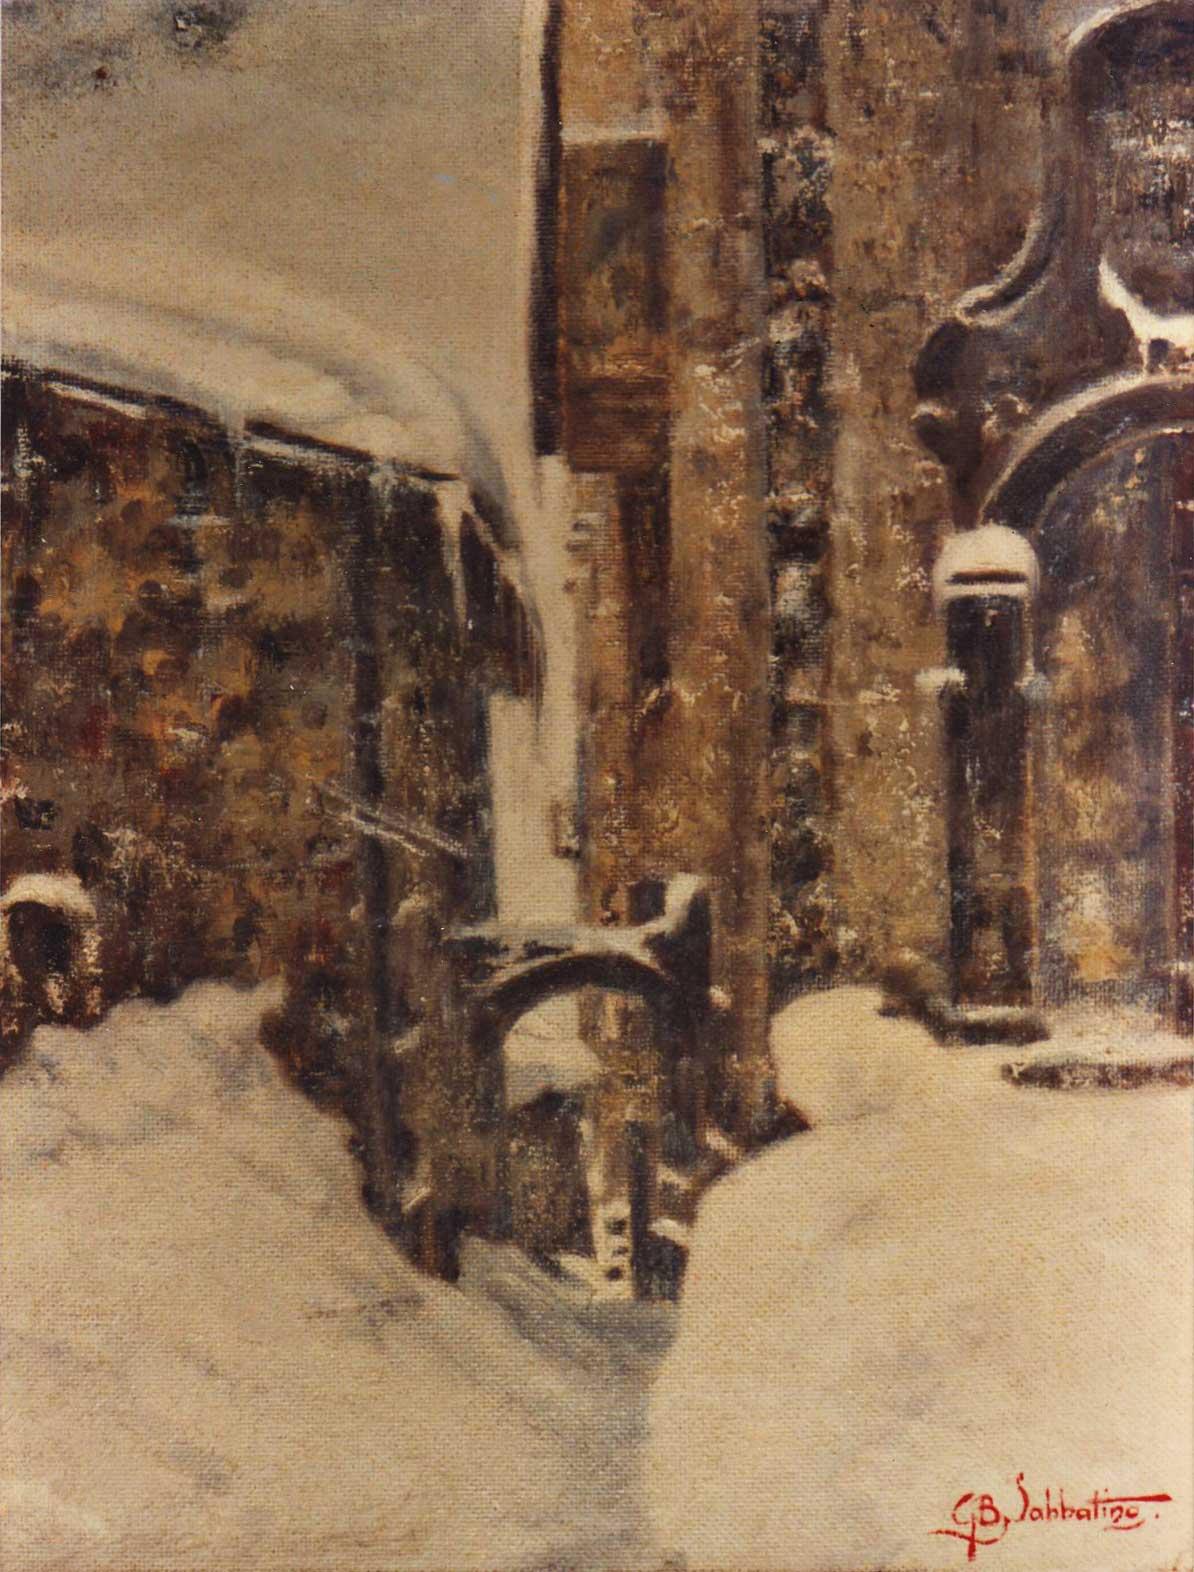 quadro paesaggio scanno abruzzo neve Sabbatino